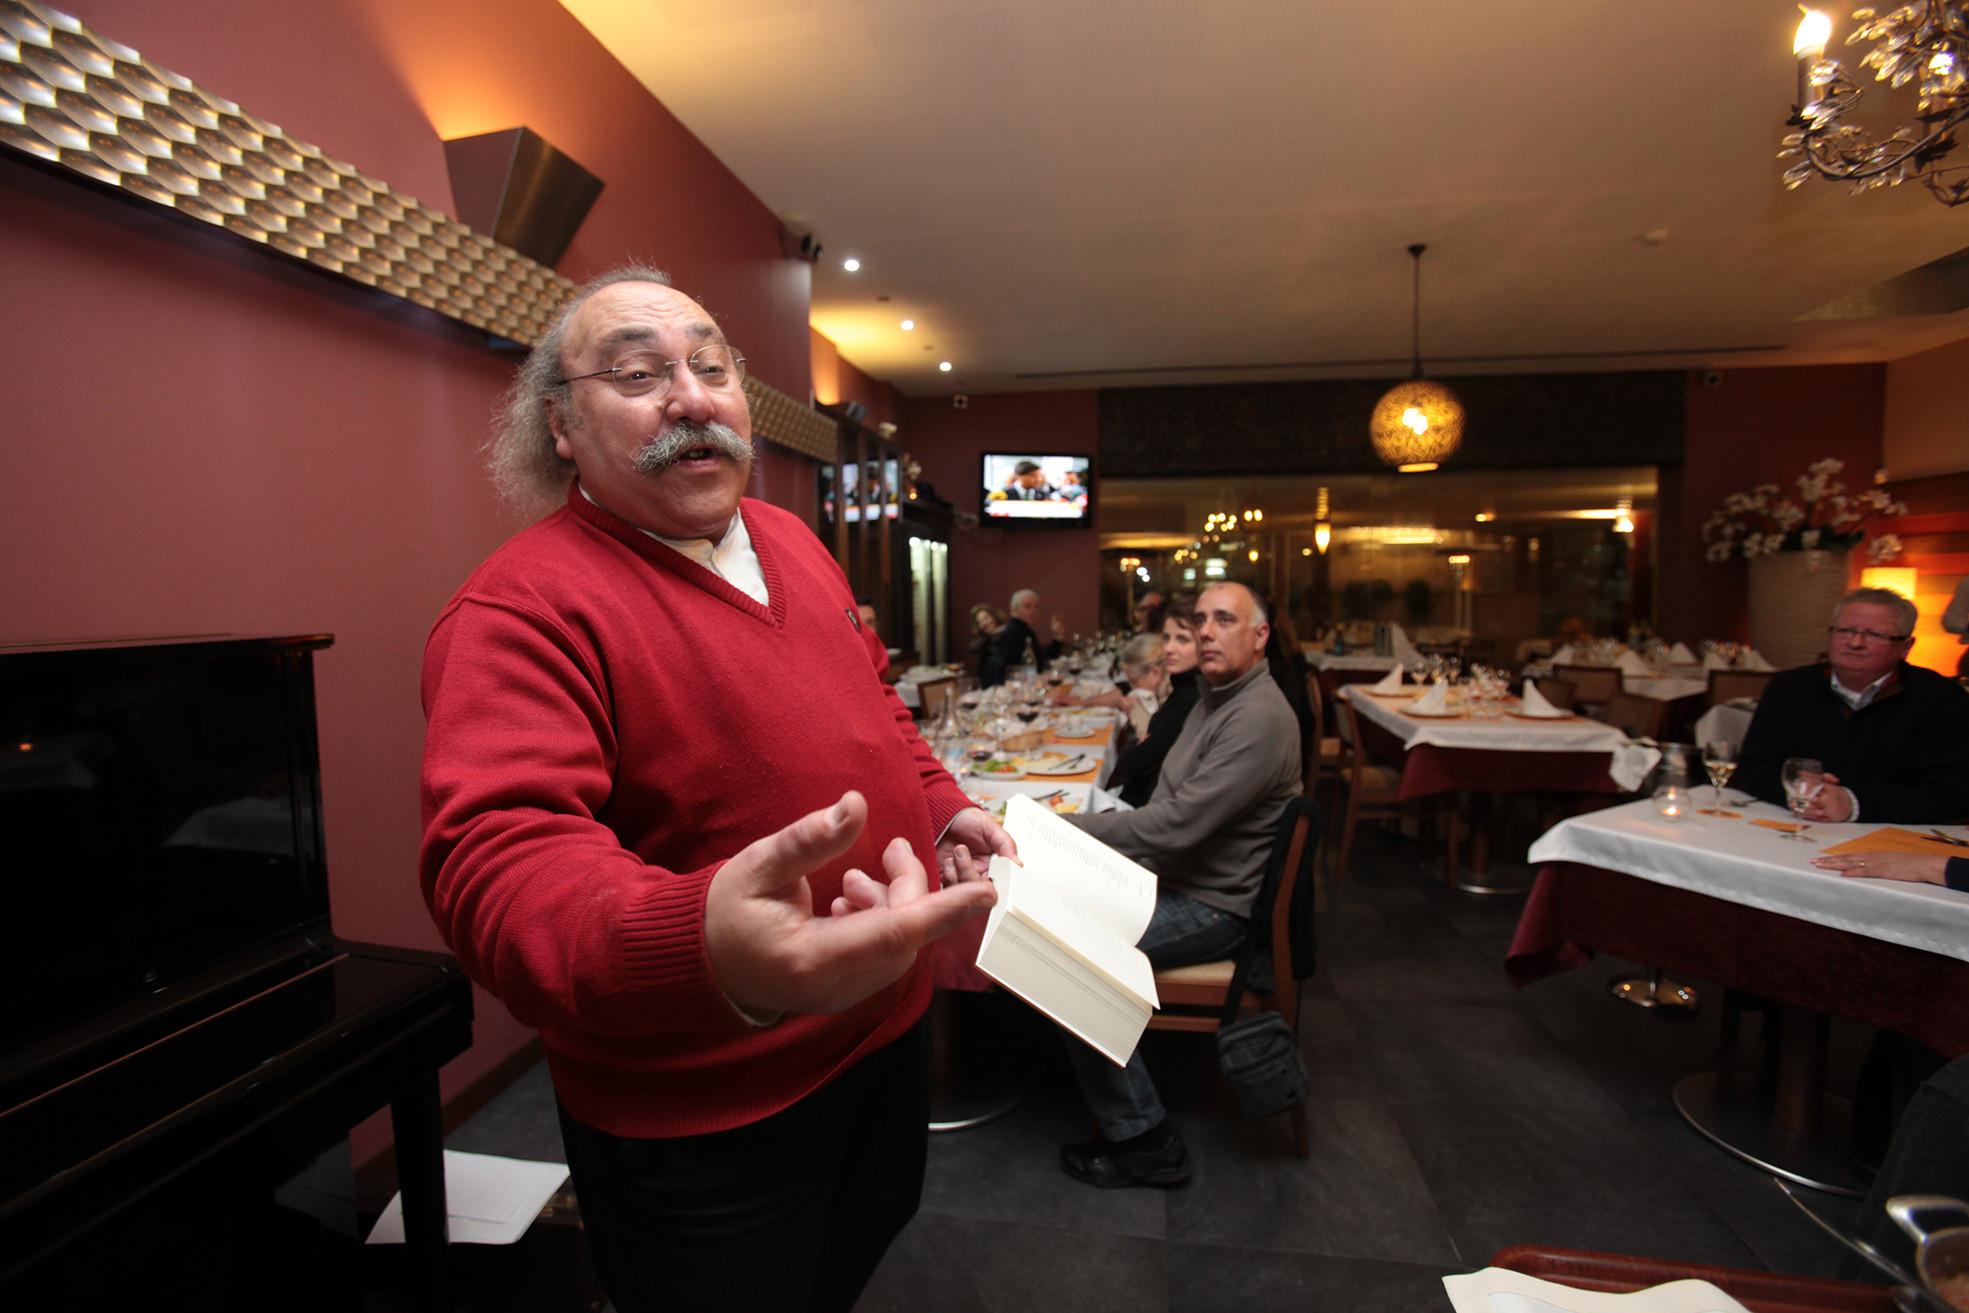 Declamação em restaurantes com José Fanha - imagem de arquivo 1.jpg